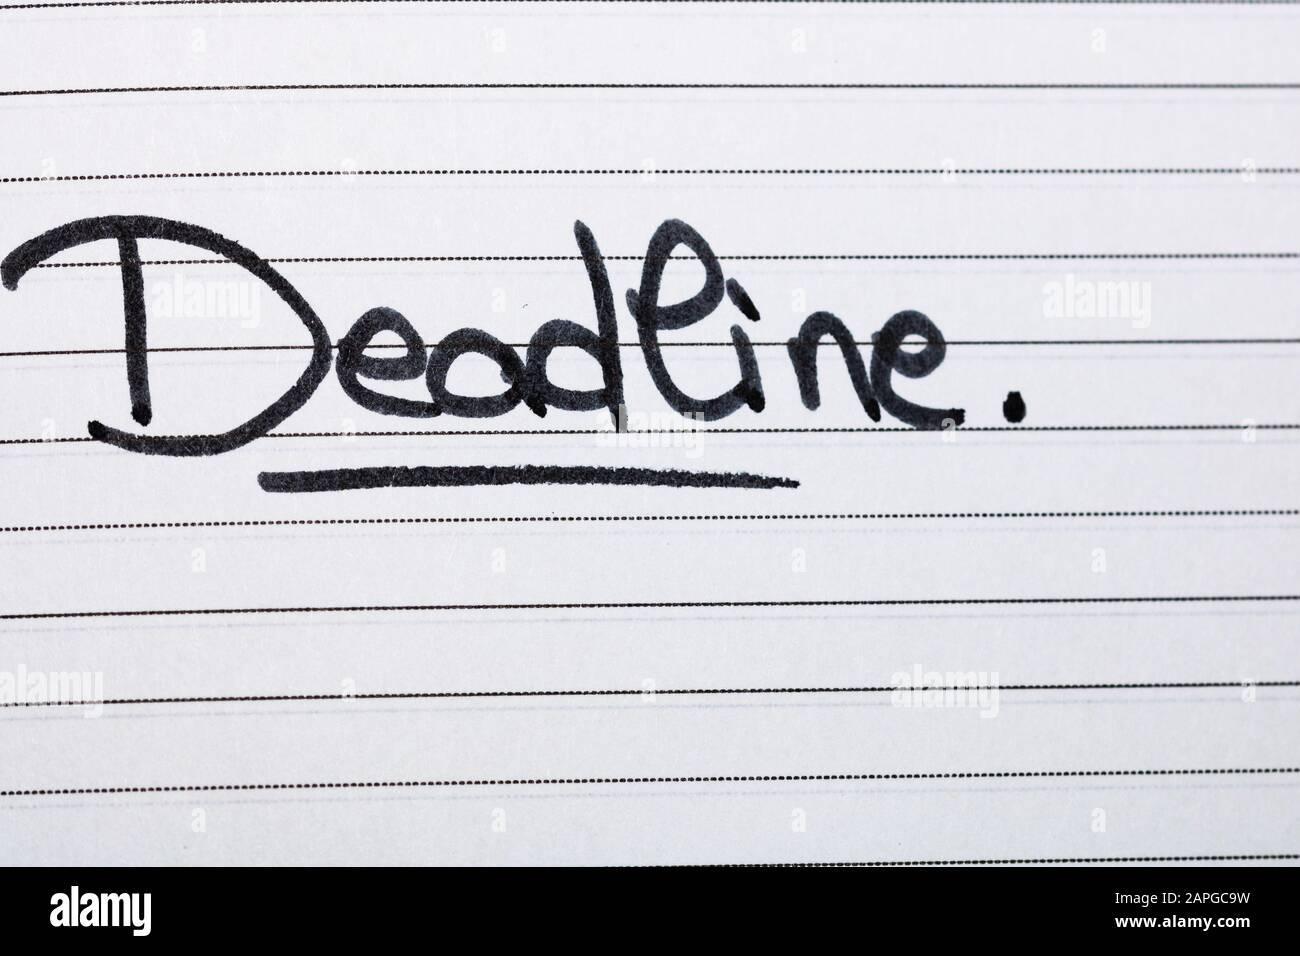 Frist, Handschriftertext auf der Büroagenda. Kopierbereich. Stockfoto